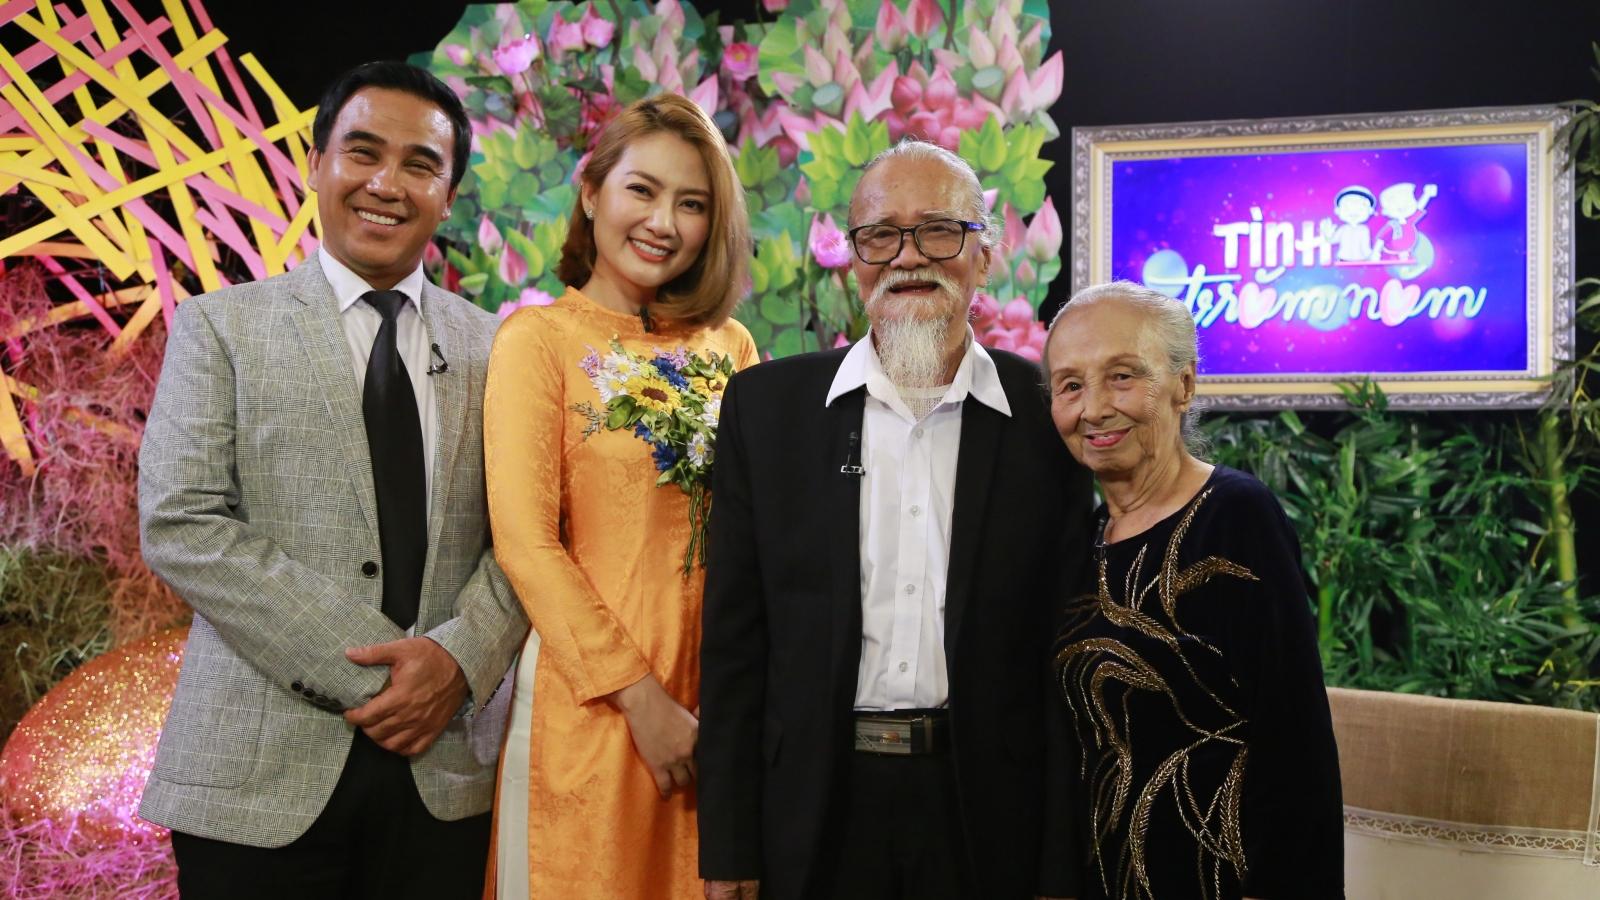 MC Quyền Linh xúc động trước cuộc hôn nhân nửa thế kỷ của nghệ sĩ Hữu Thành